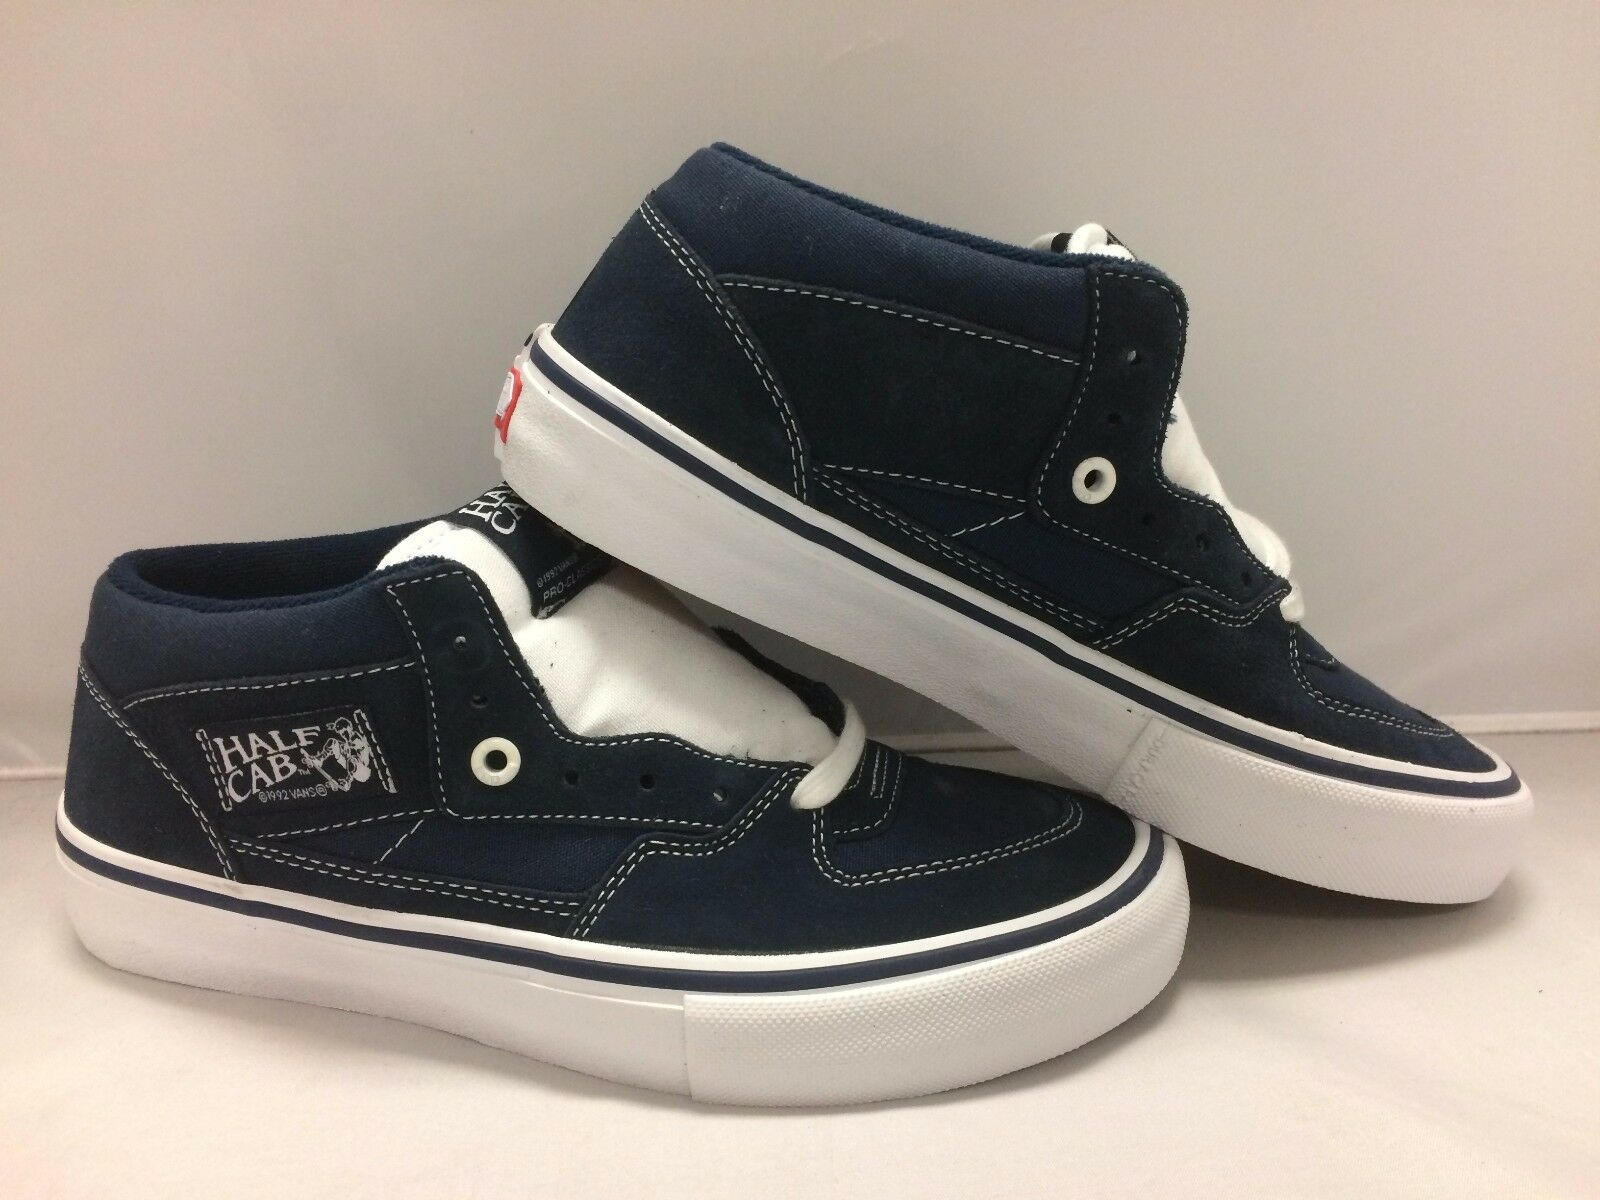 Vans Men's shoes Half Cab''--Dress bluee